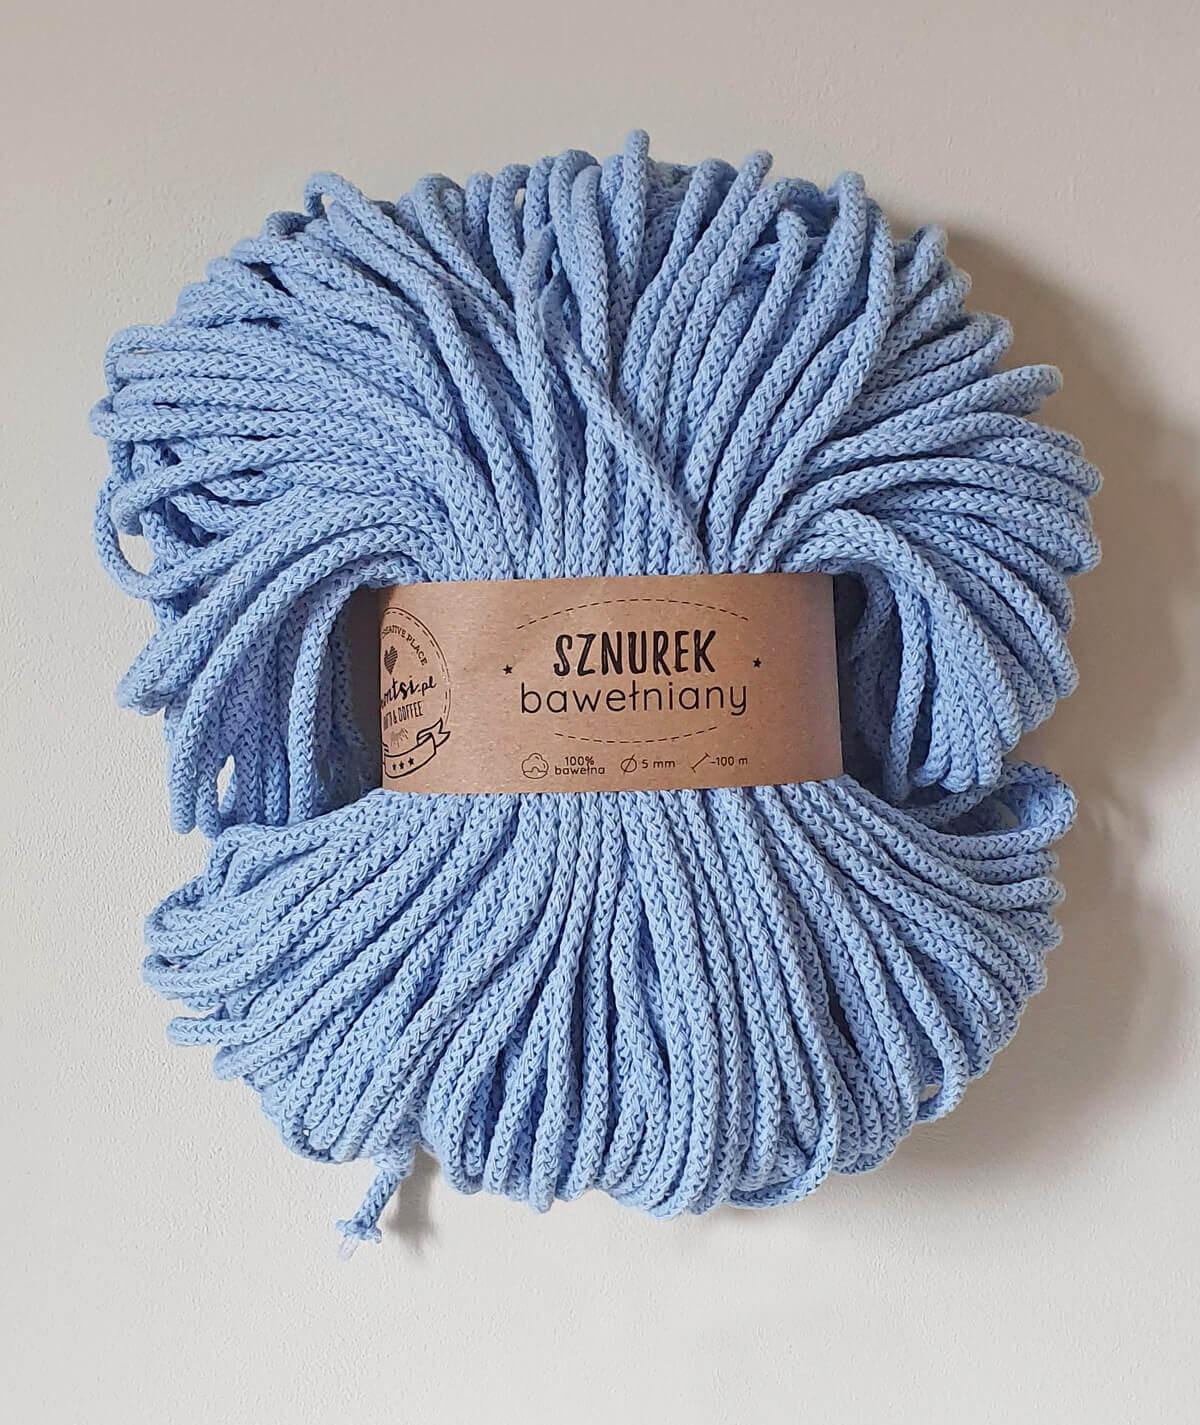 Sznurek bawełniany 5 mm jasny niebieski do rękodzieła